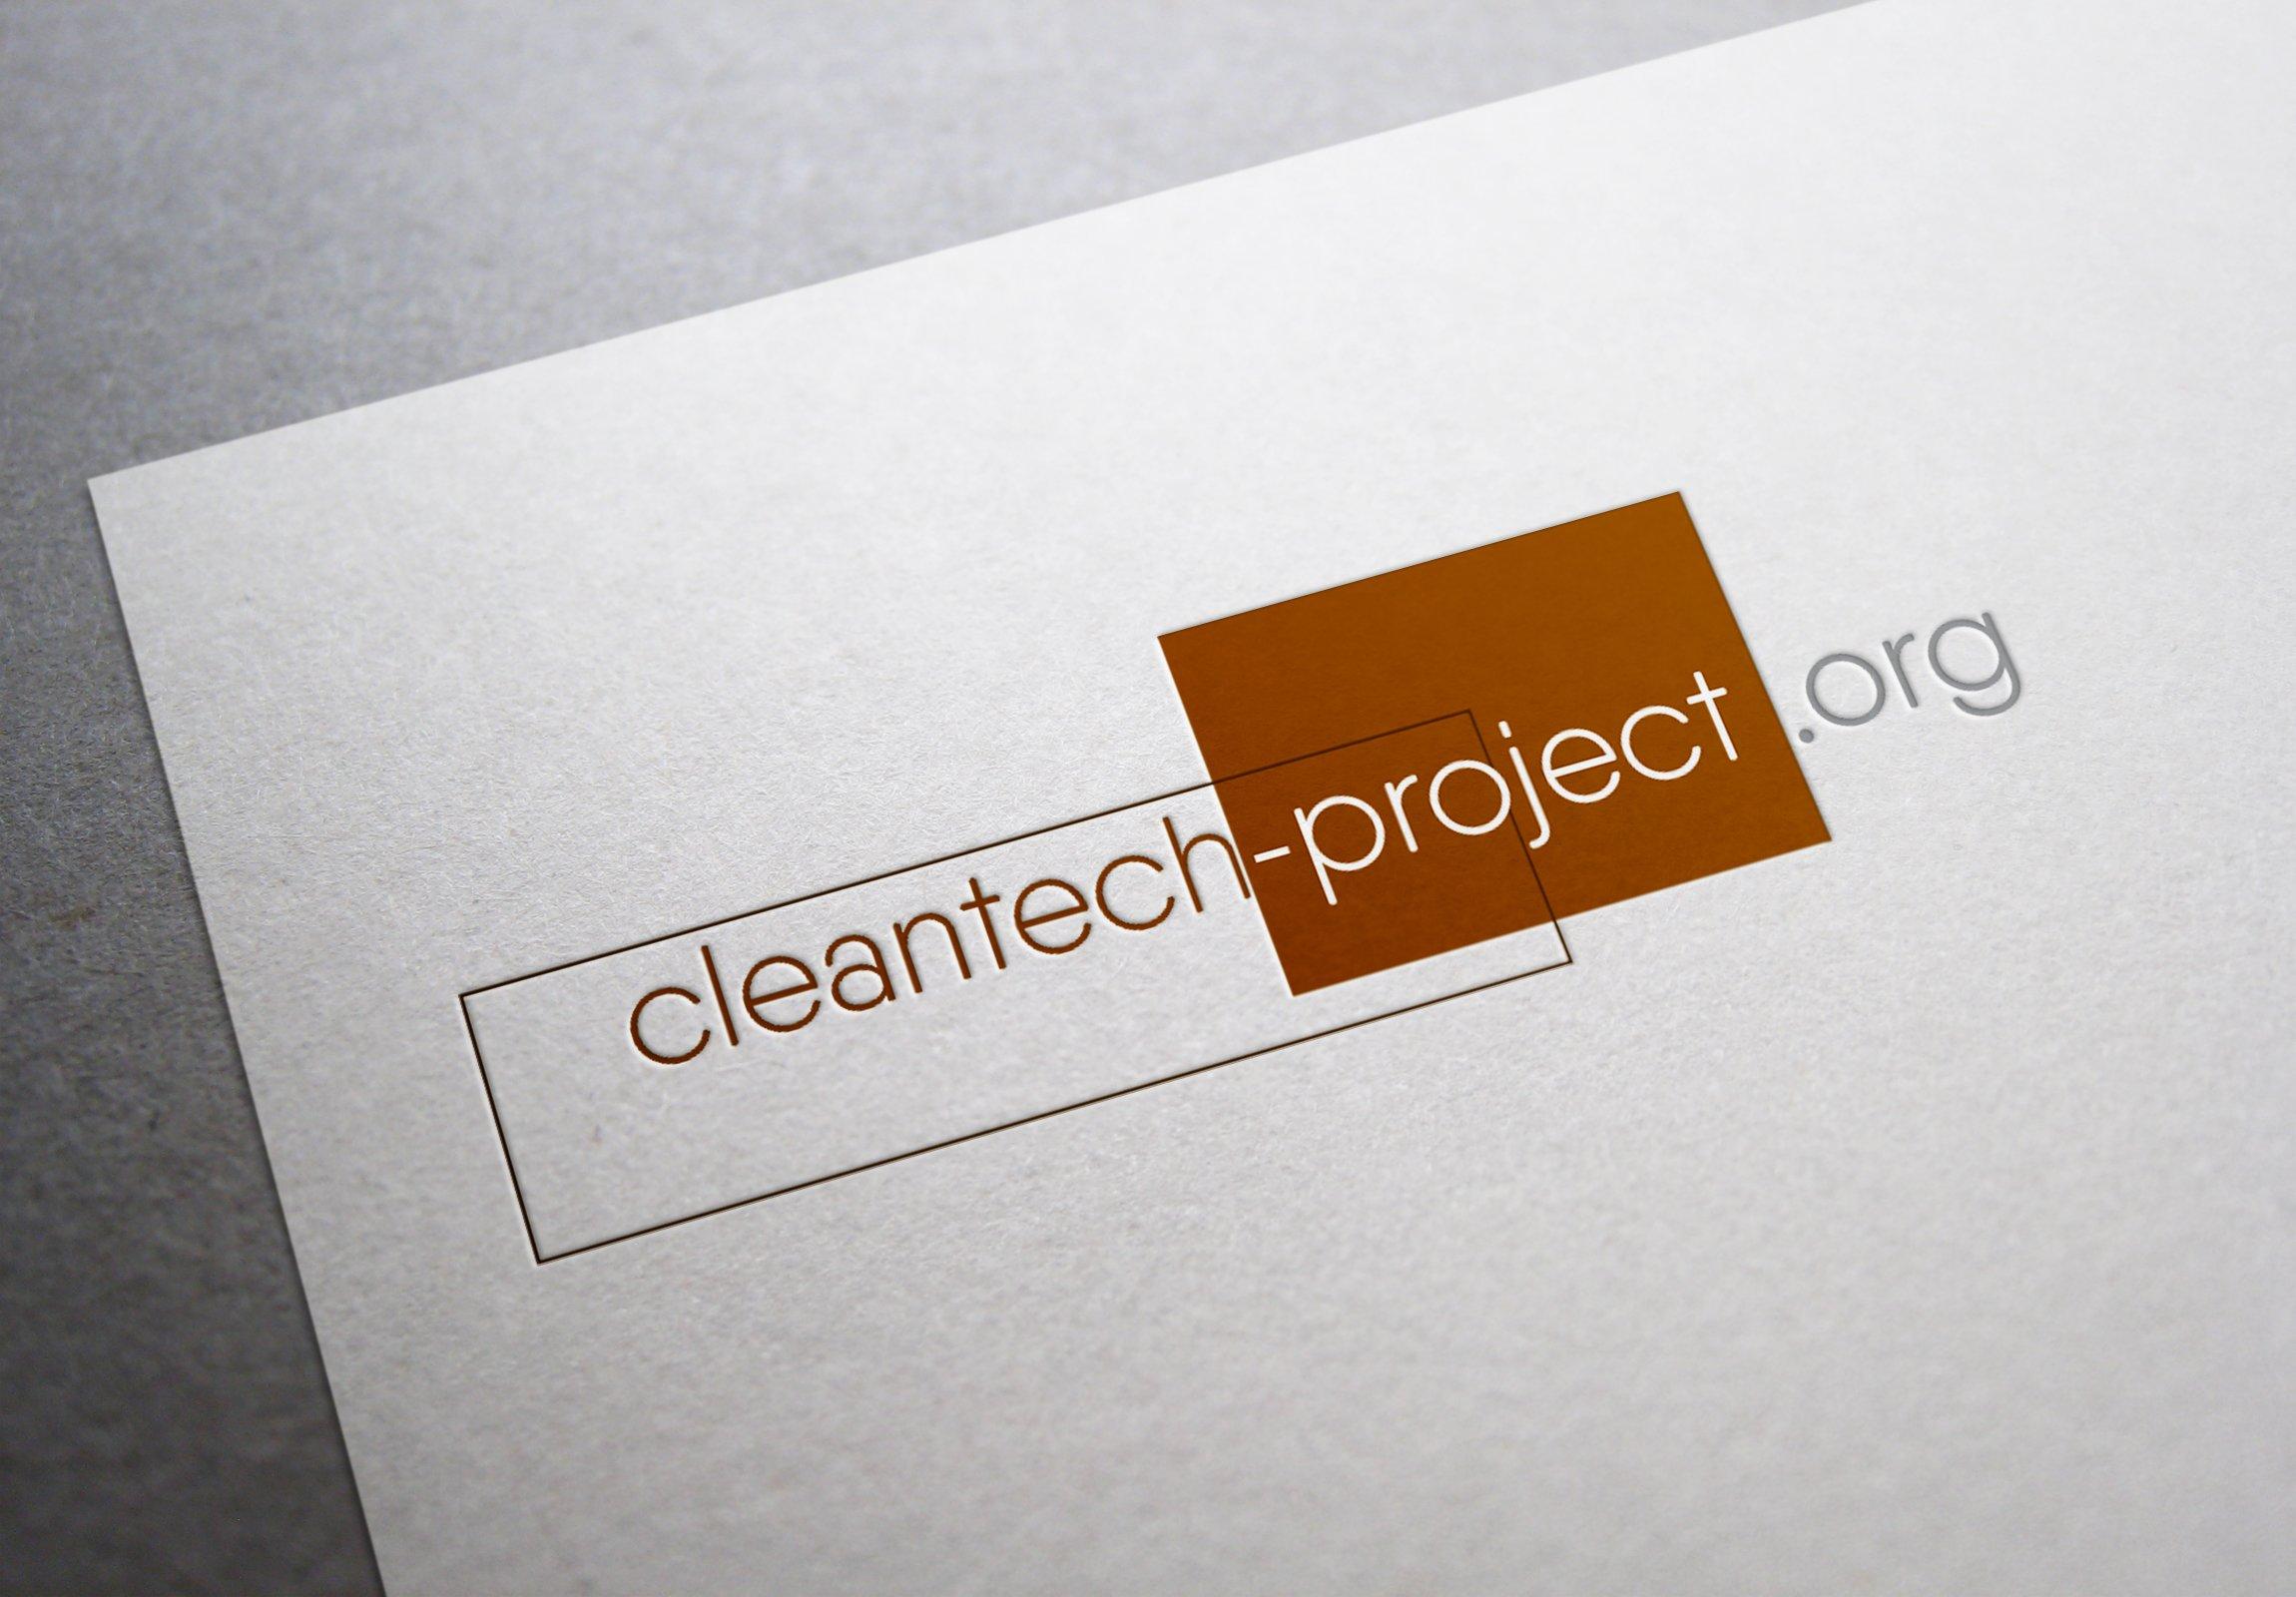 Ich bin an #cleantech Projektinvestitionen interessiert